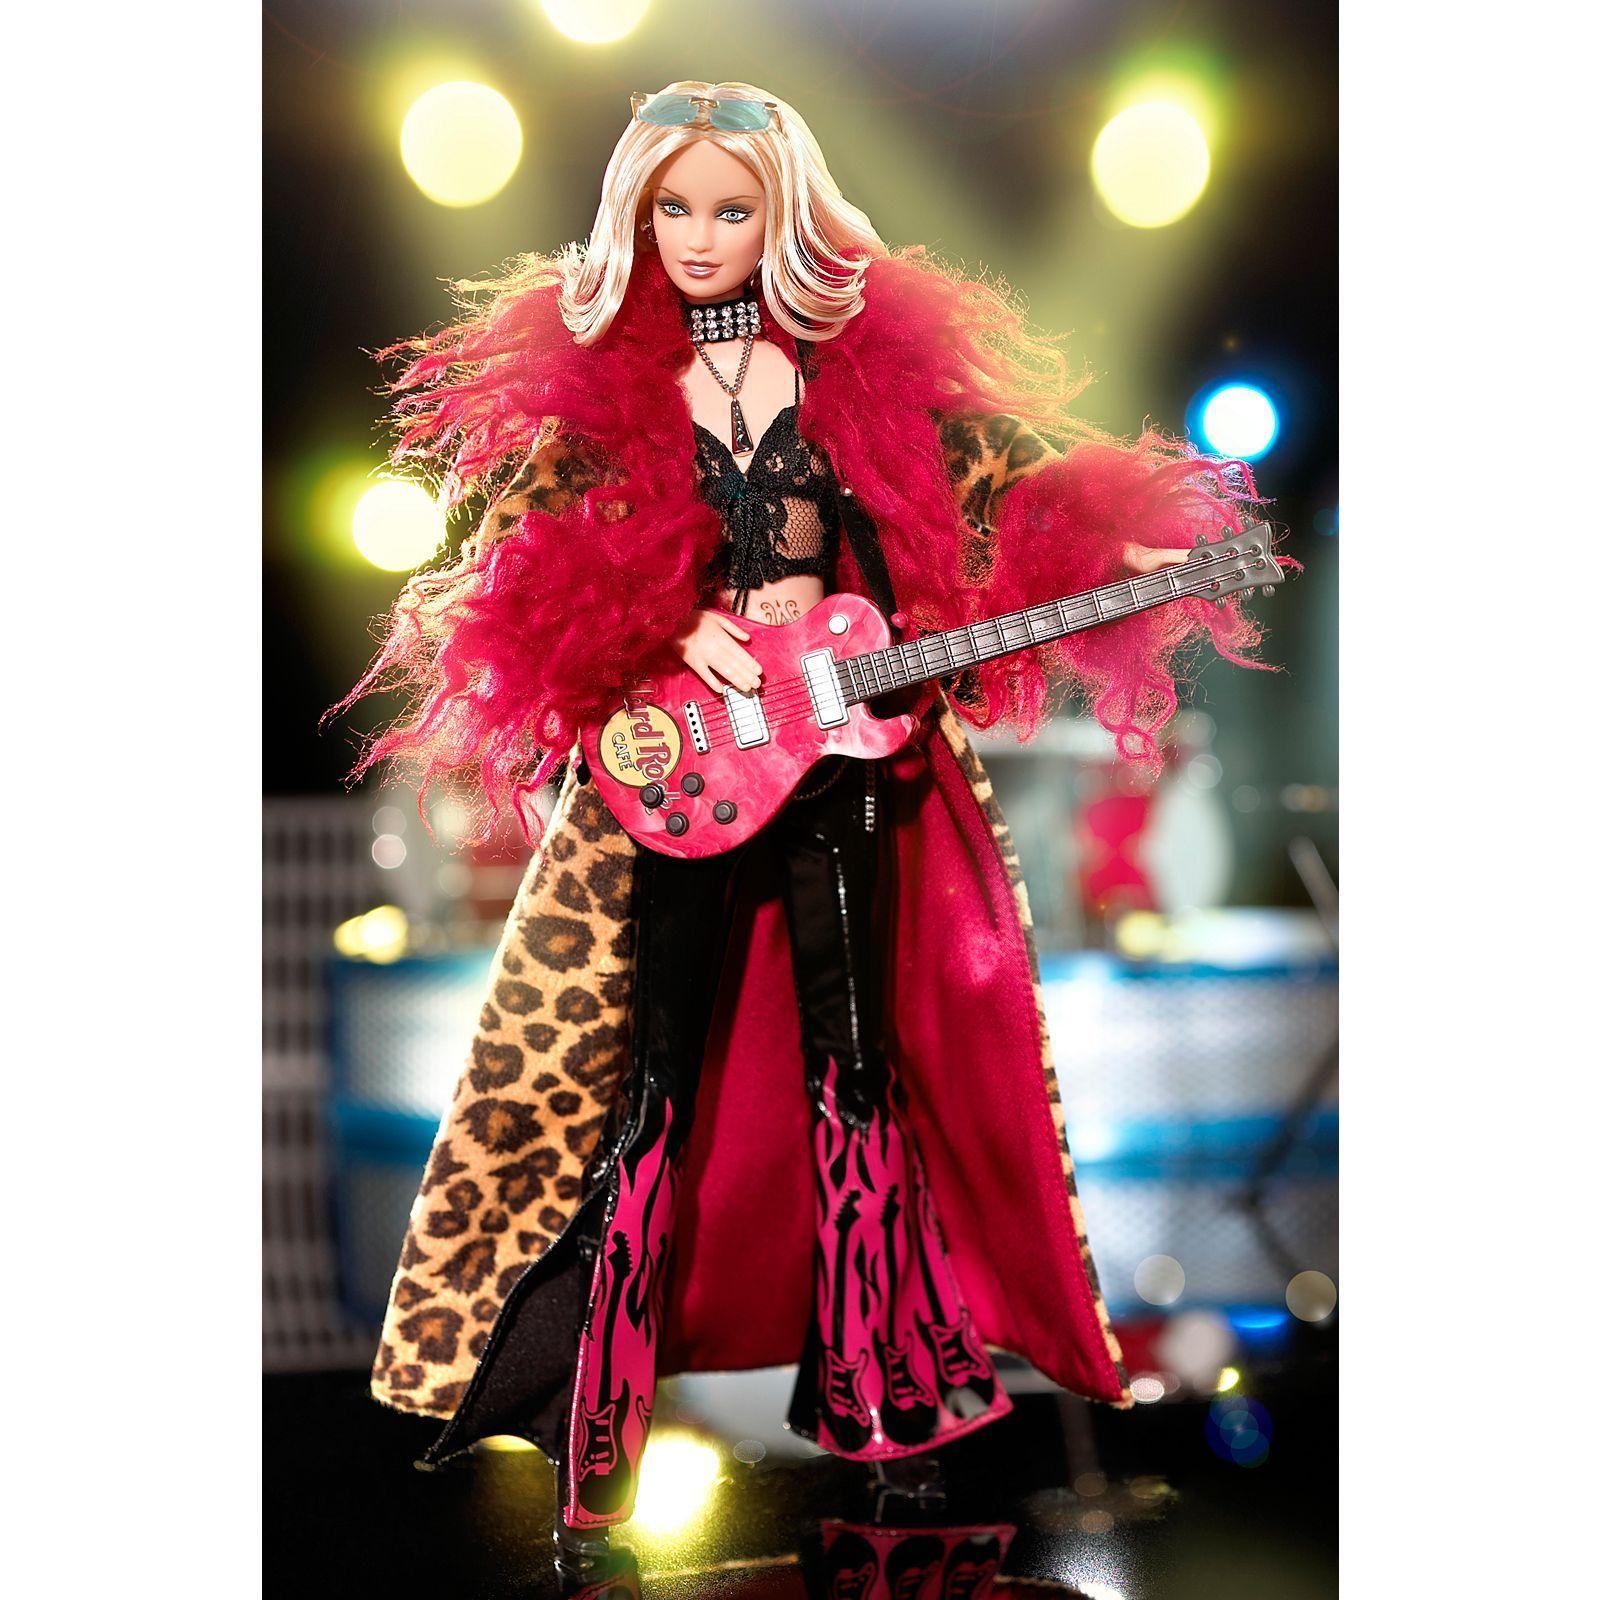 Poupées Mannequins, Mini Jouets Et Jeux Latest Collection Of Barbie Hard Rock Cafe 2003